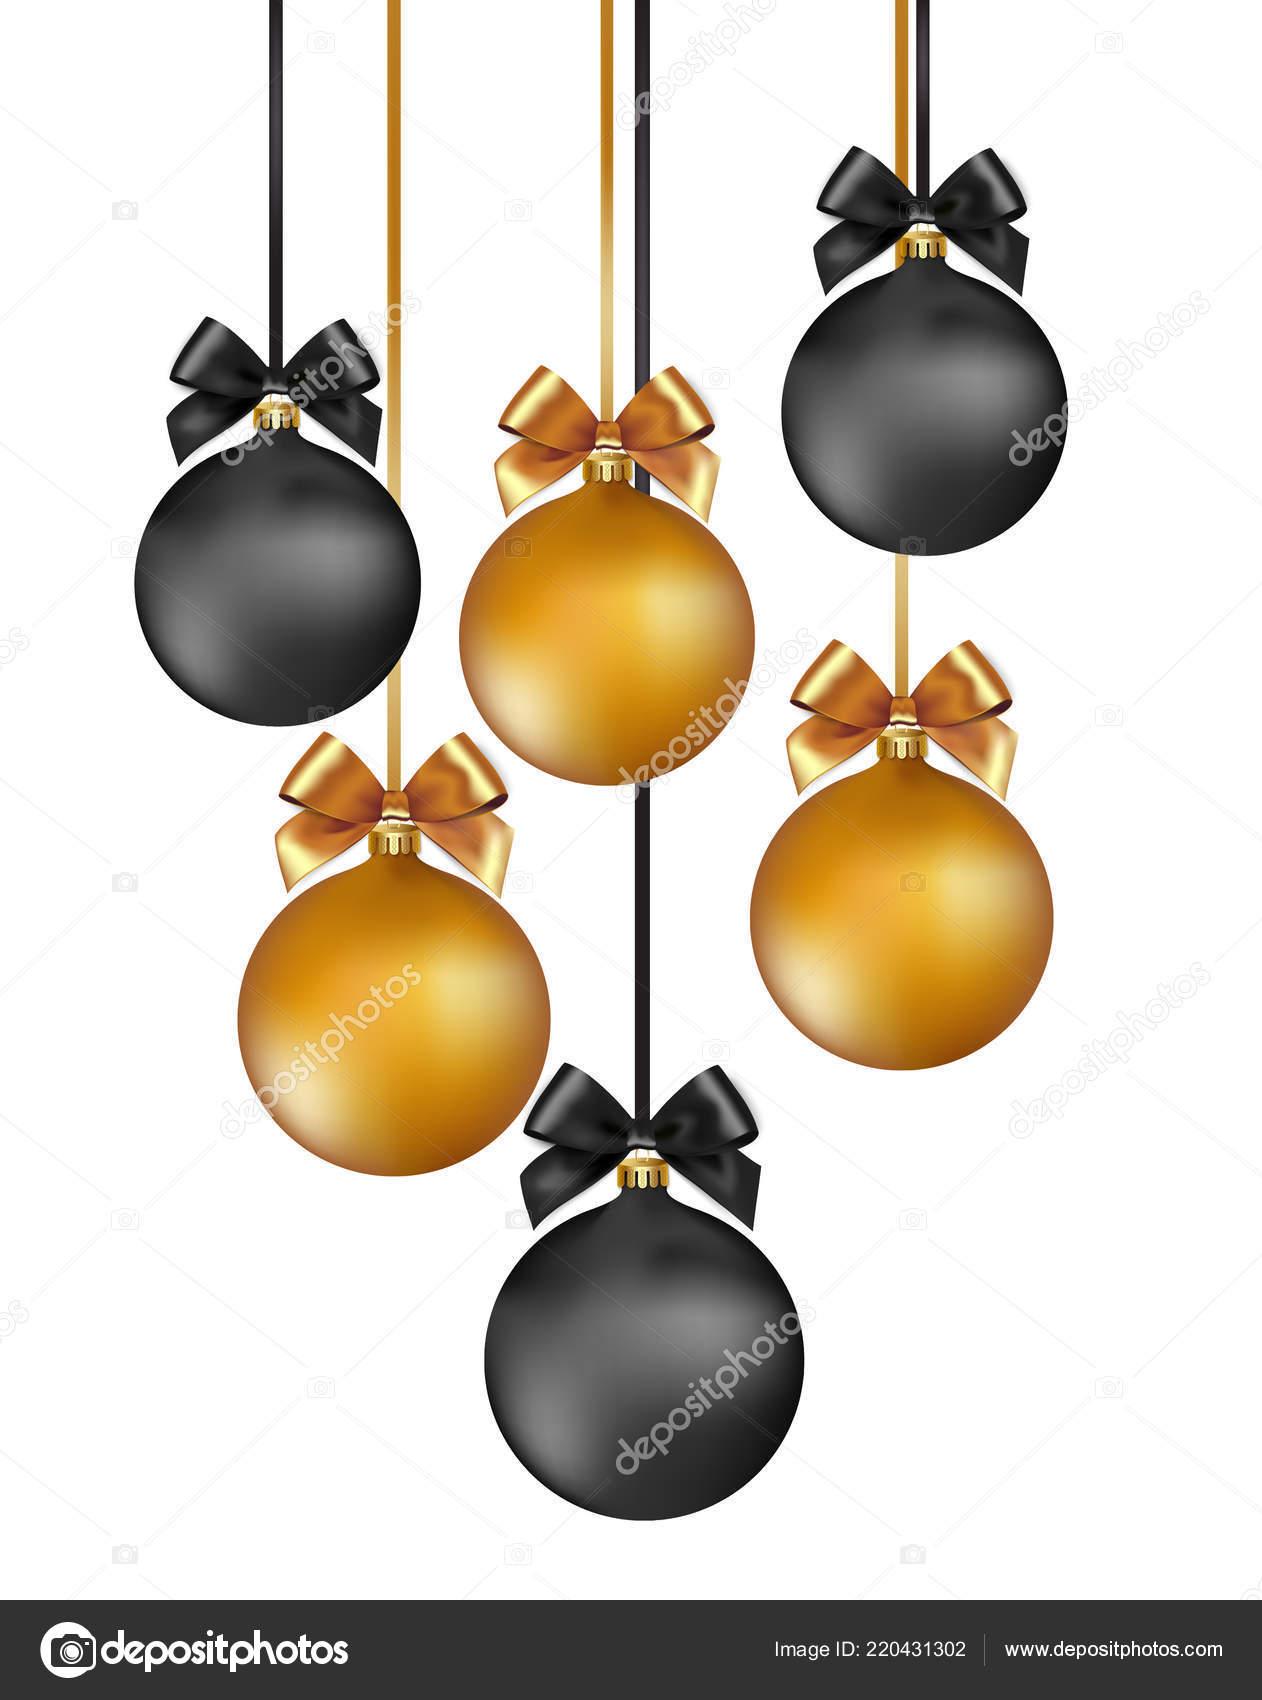 Christbaumkugeln Schwarz Gold.Weihnachten Hintergrund Mit Christbaumkugeln Gold Und